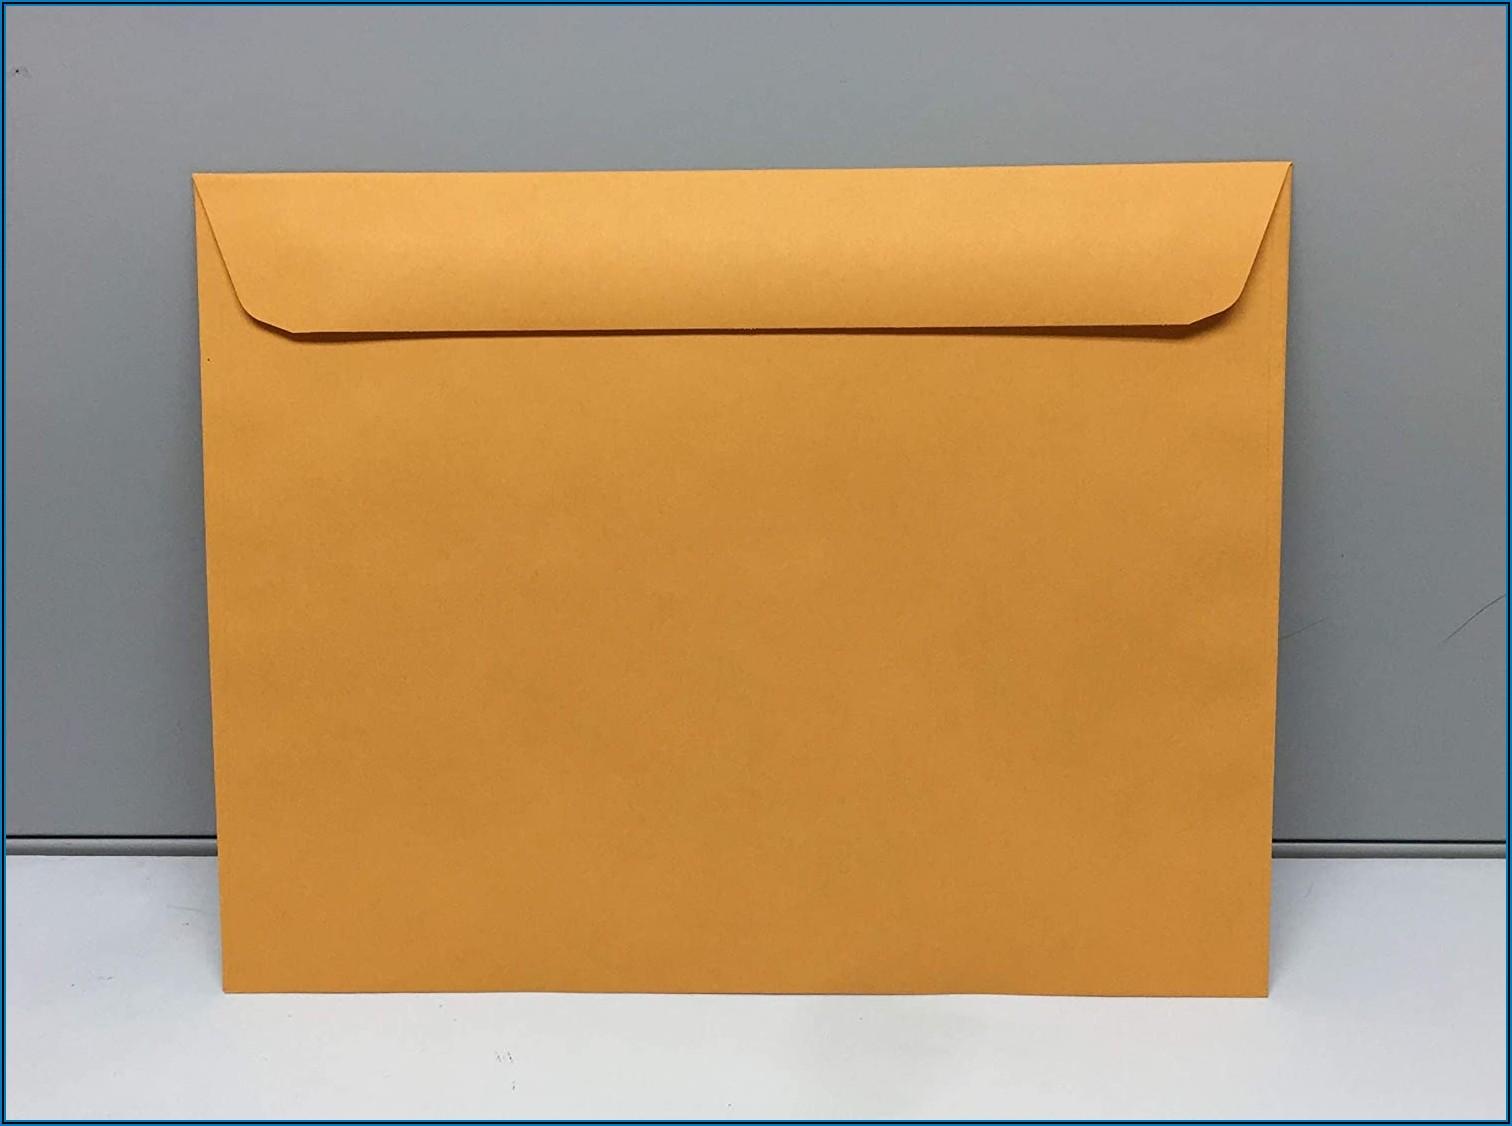 Brown Kraft Envelopes 10 X 13